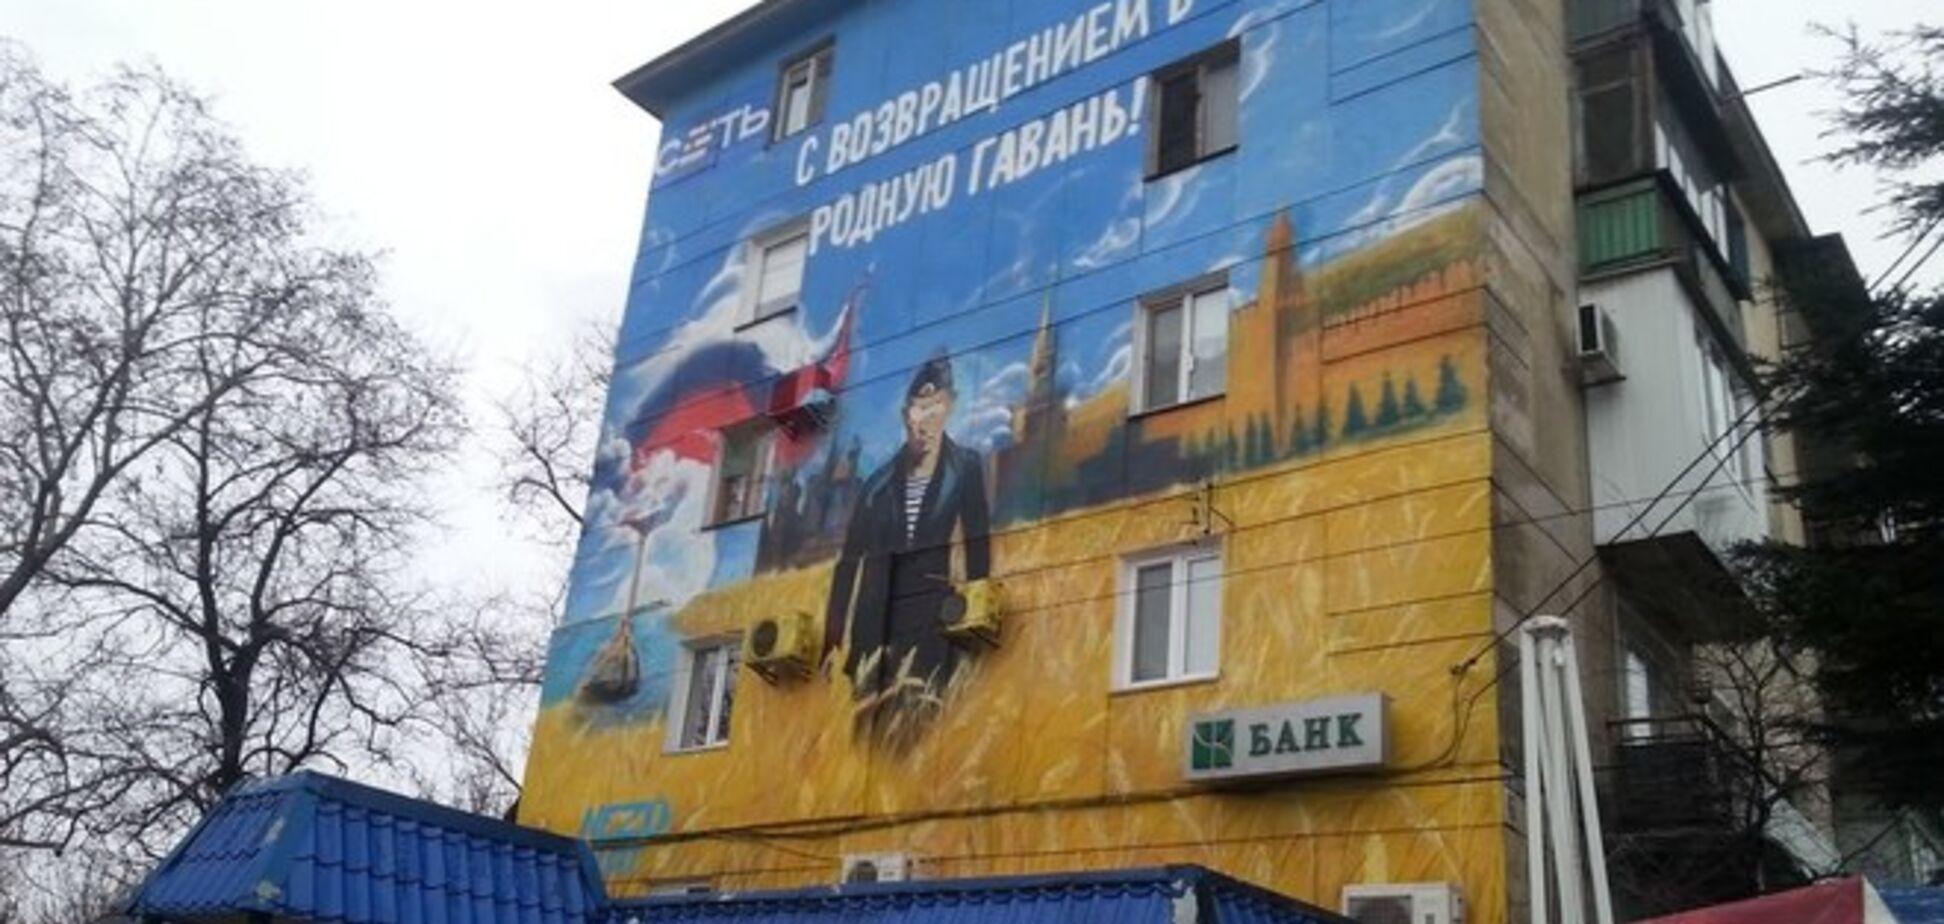 Украина-2014. Почему Россия захватила Крым, а 'Новороссия' провалилась